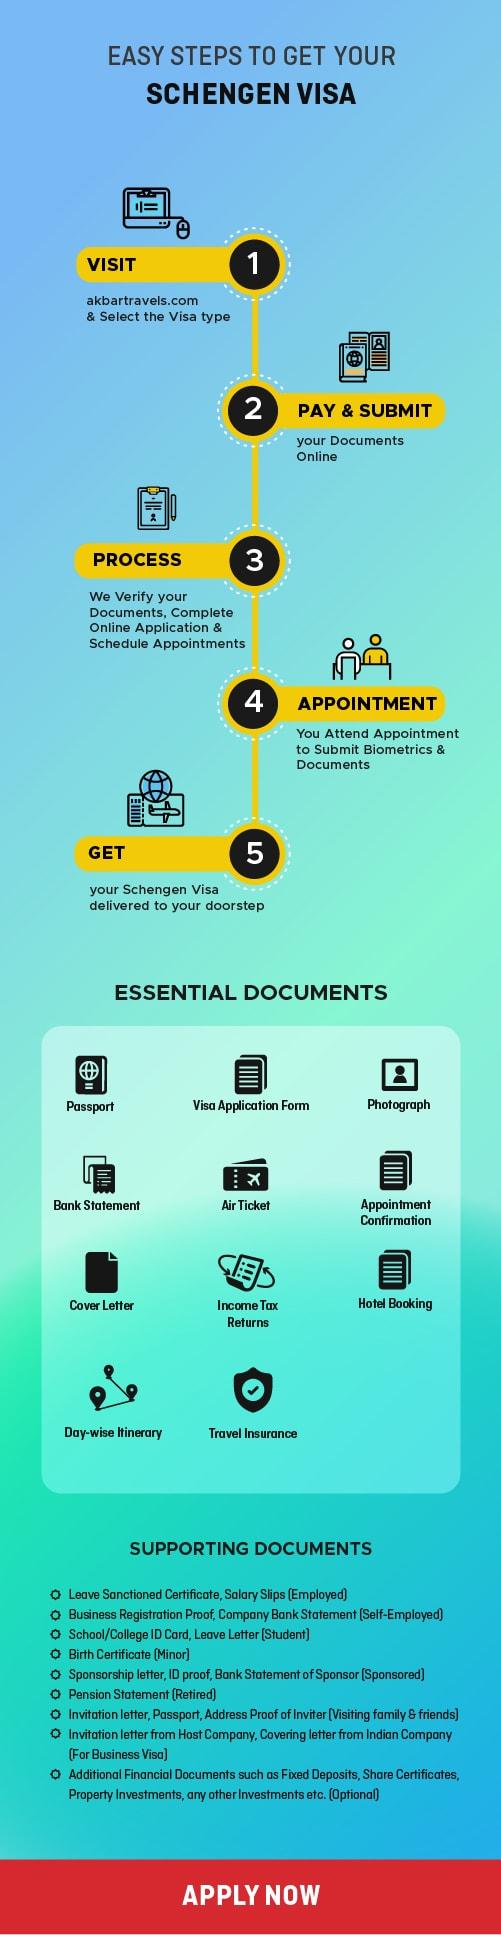 Schengen Visa: Business/Tourist Schengen Visa at ₹7199 onwards!